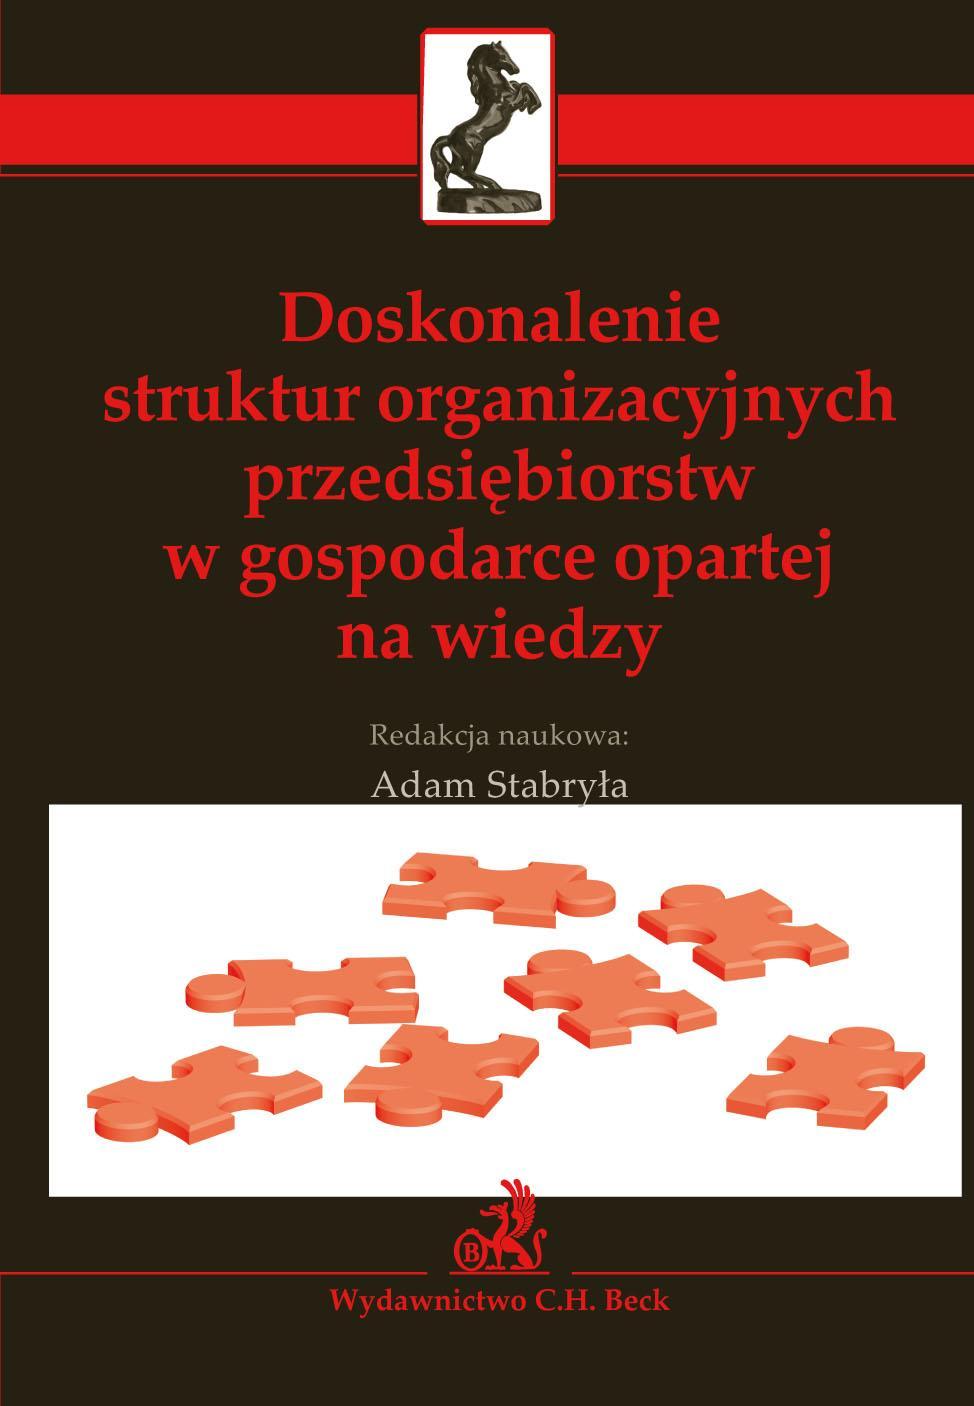 Doskonalenie struktur organizacyjnych przedsiębiorstw w gospodarce opartej na wiedzy - Ebook (Książka PDF) do pobrania w formacie PDF